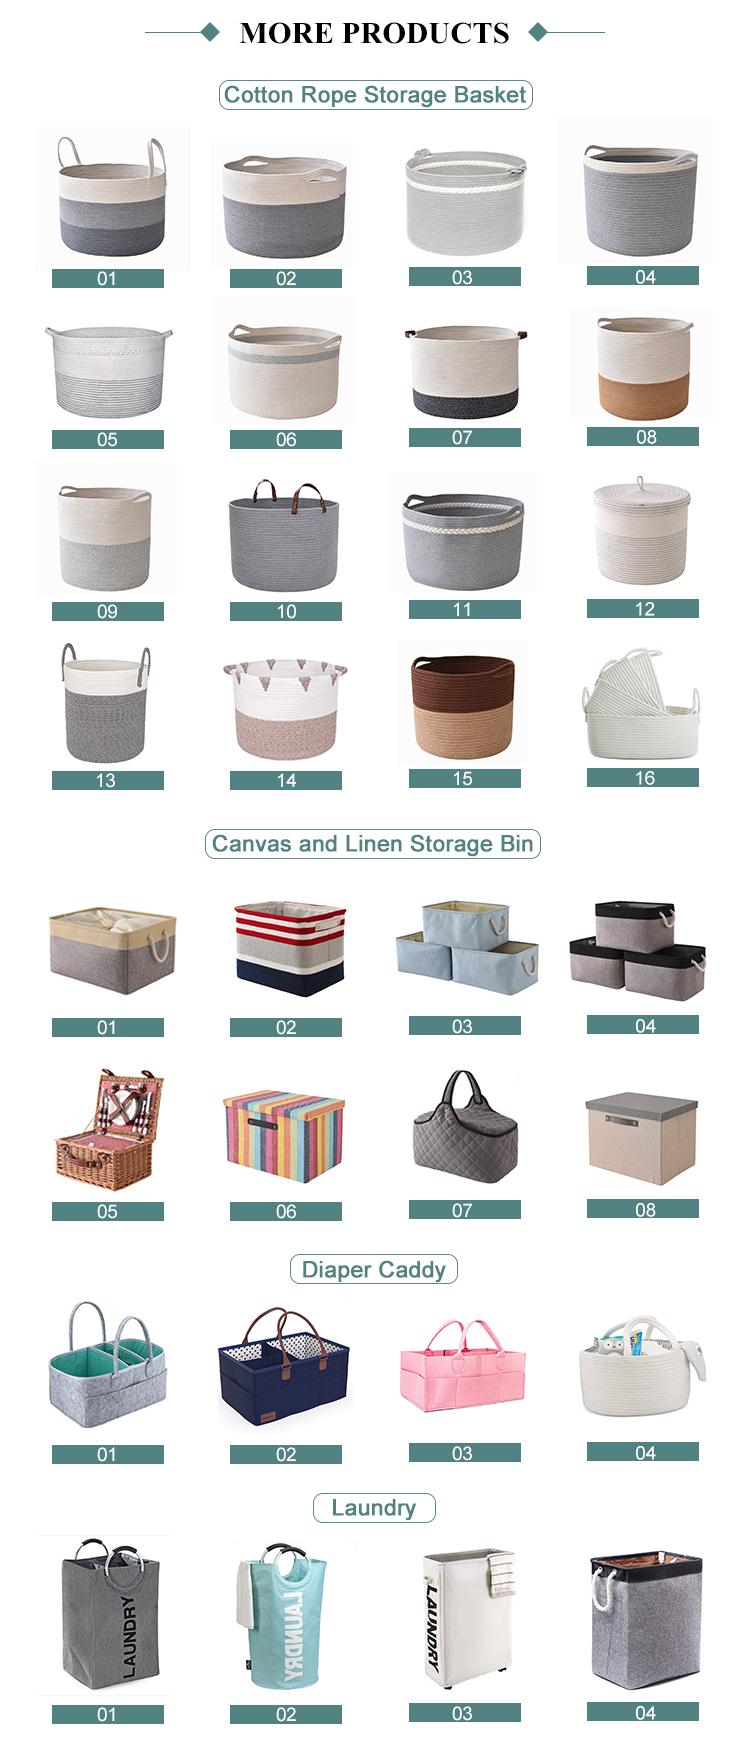 De moda personalizado de almacenamiento y organización de tela plegable juguete caja de almacenamiento Amazon mejor venta de productos de almacenamiento de contenedores